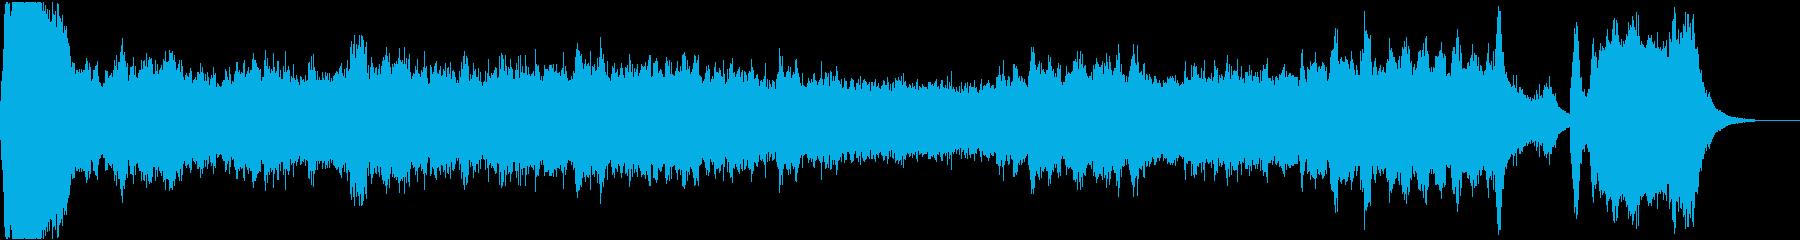 PipeOrganの再生済みの波形